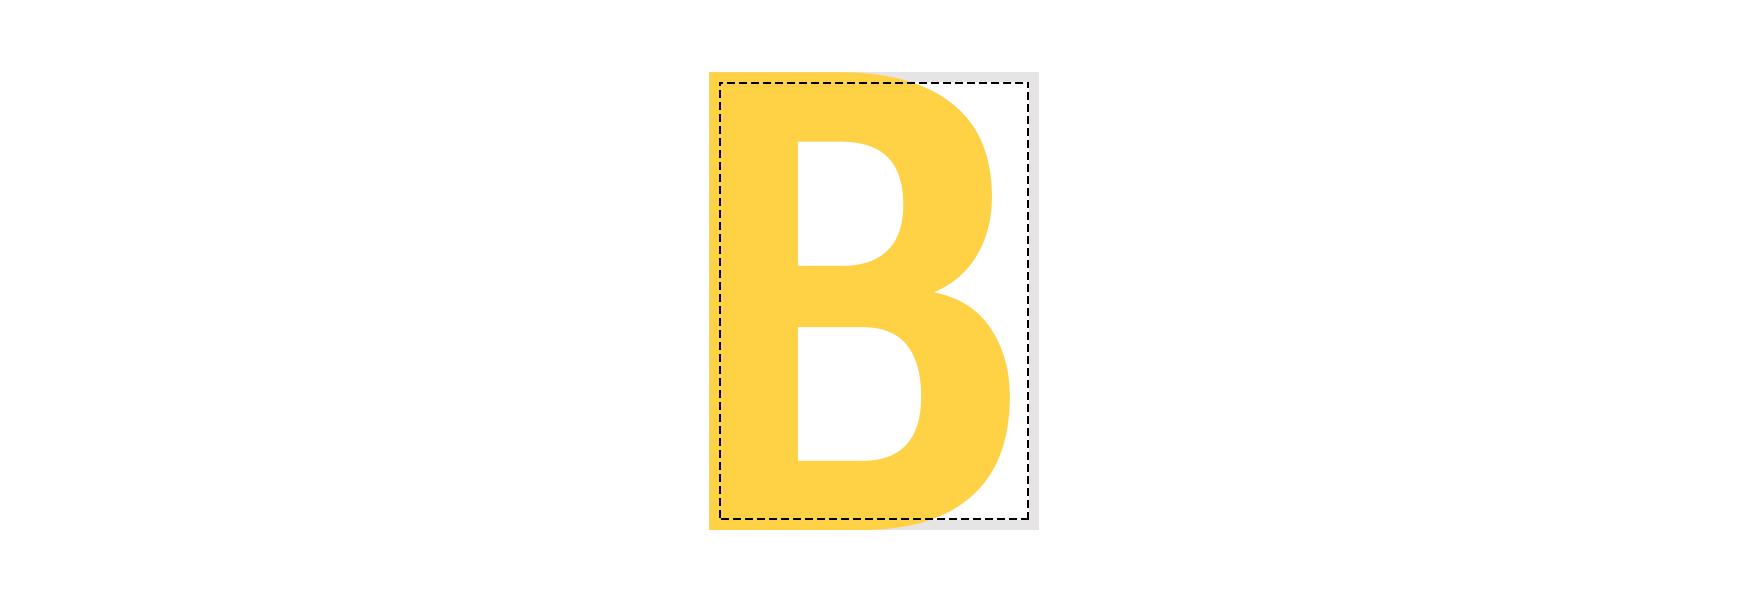 Designagentur-Stuttgart-Kreativbetrieb-Design-Lexikon-Beschnitt-1